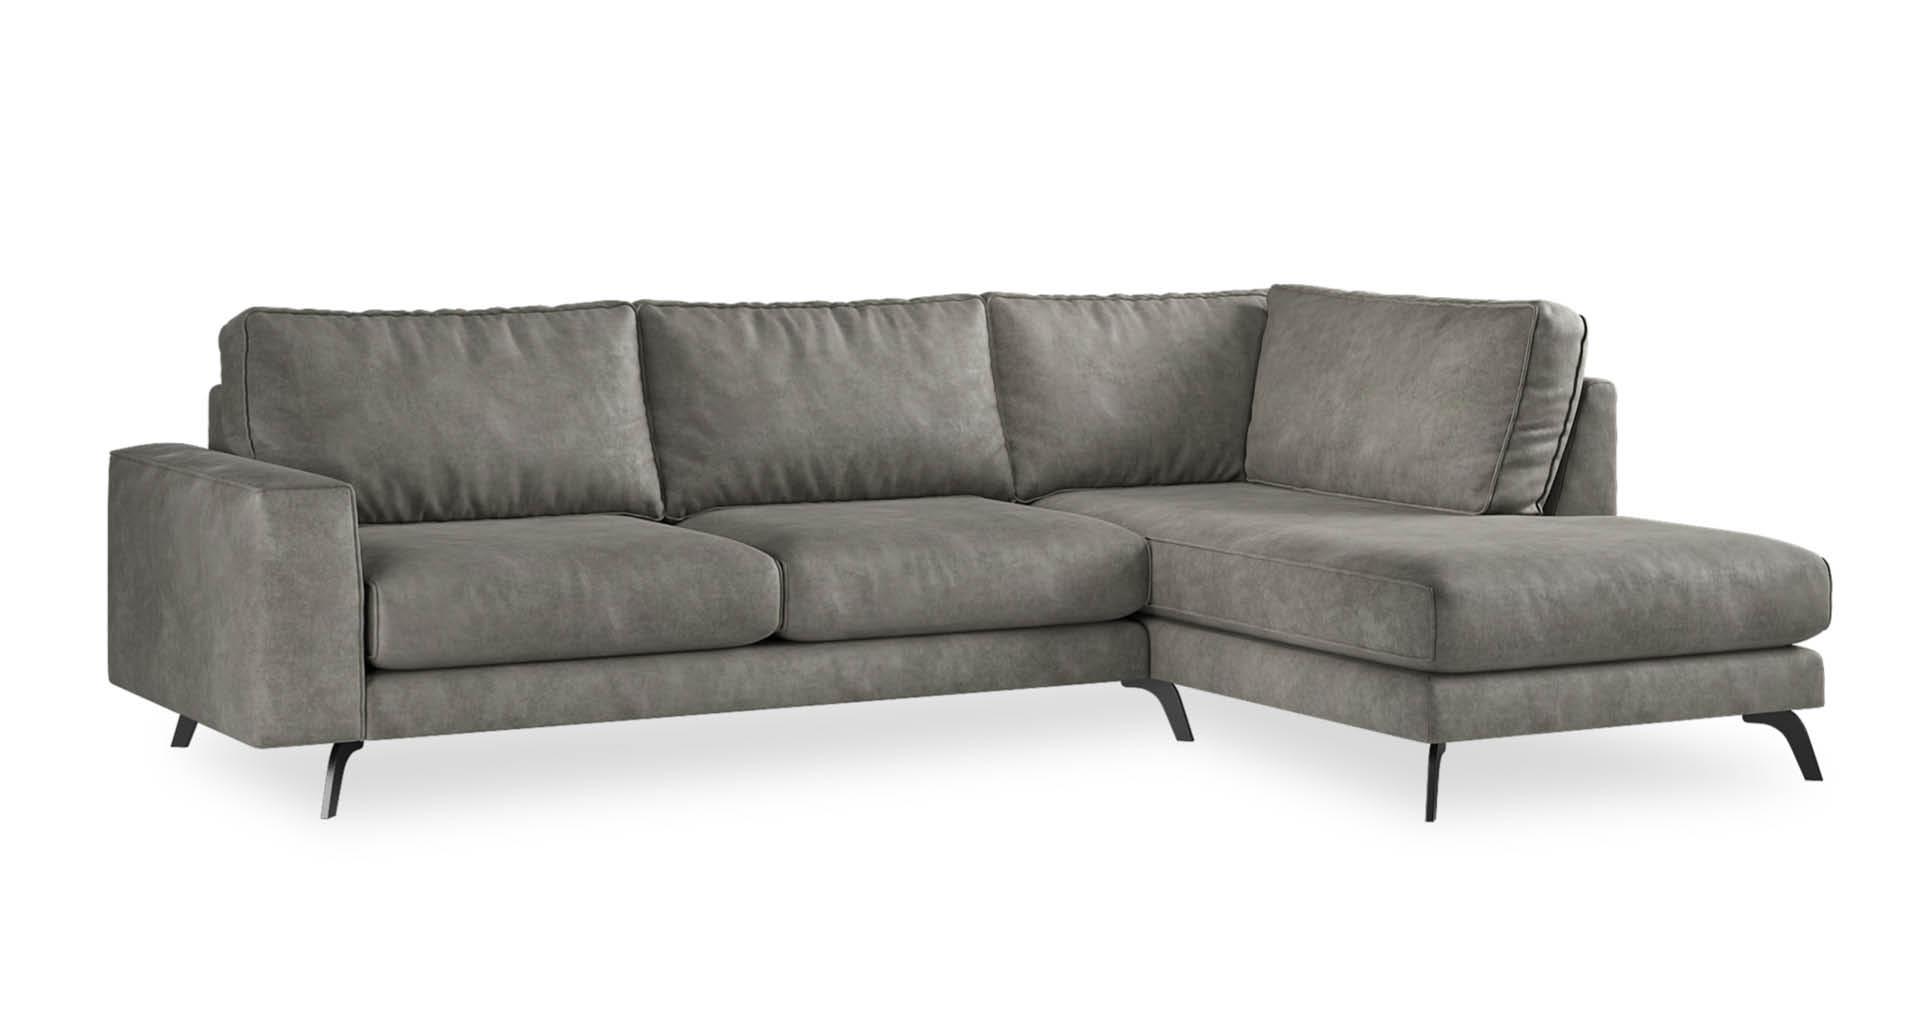 """ספה פינתית אתנה צד ימין 300 ס""""מ בגוון אפור פלדה"""